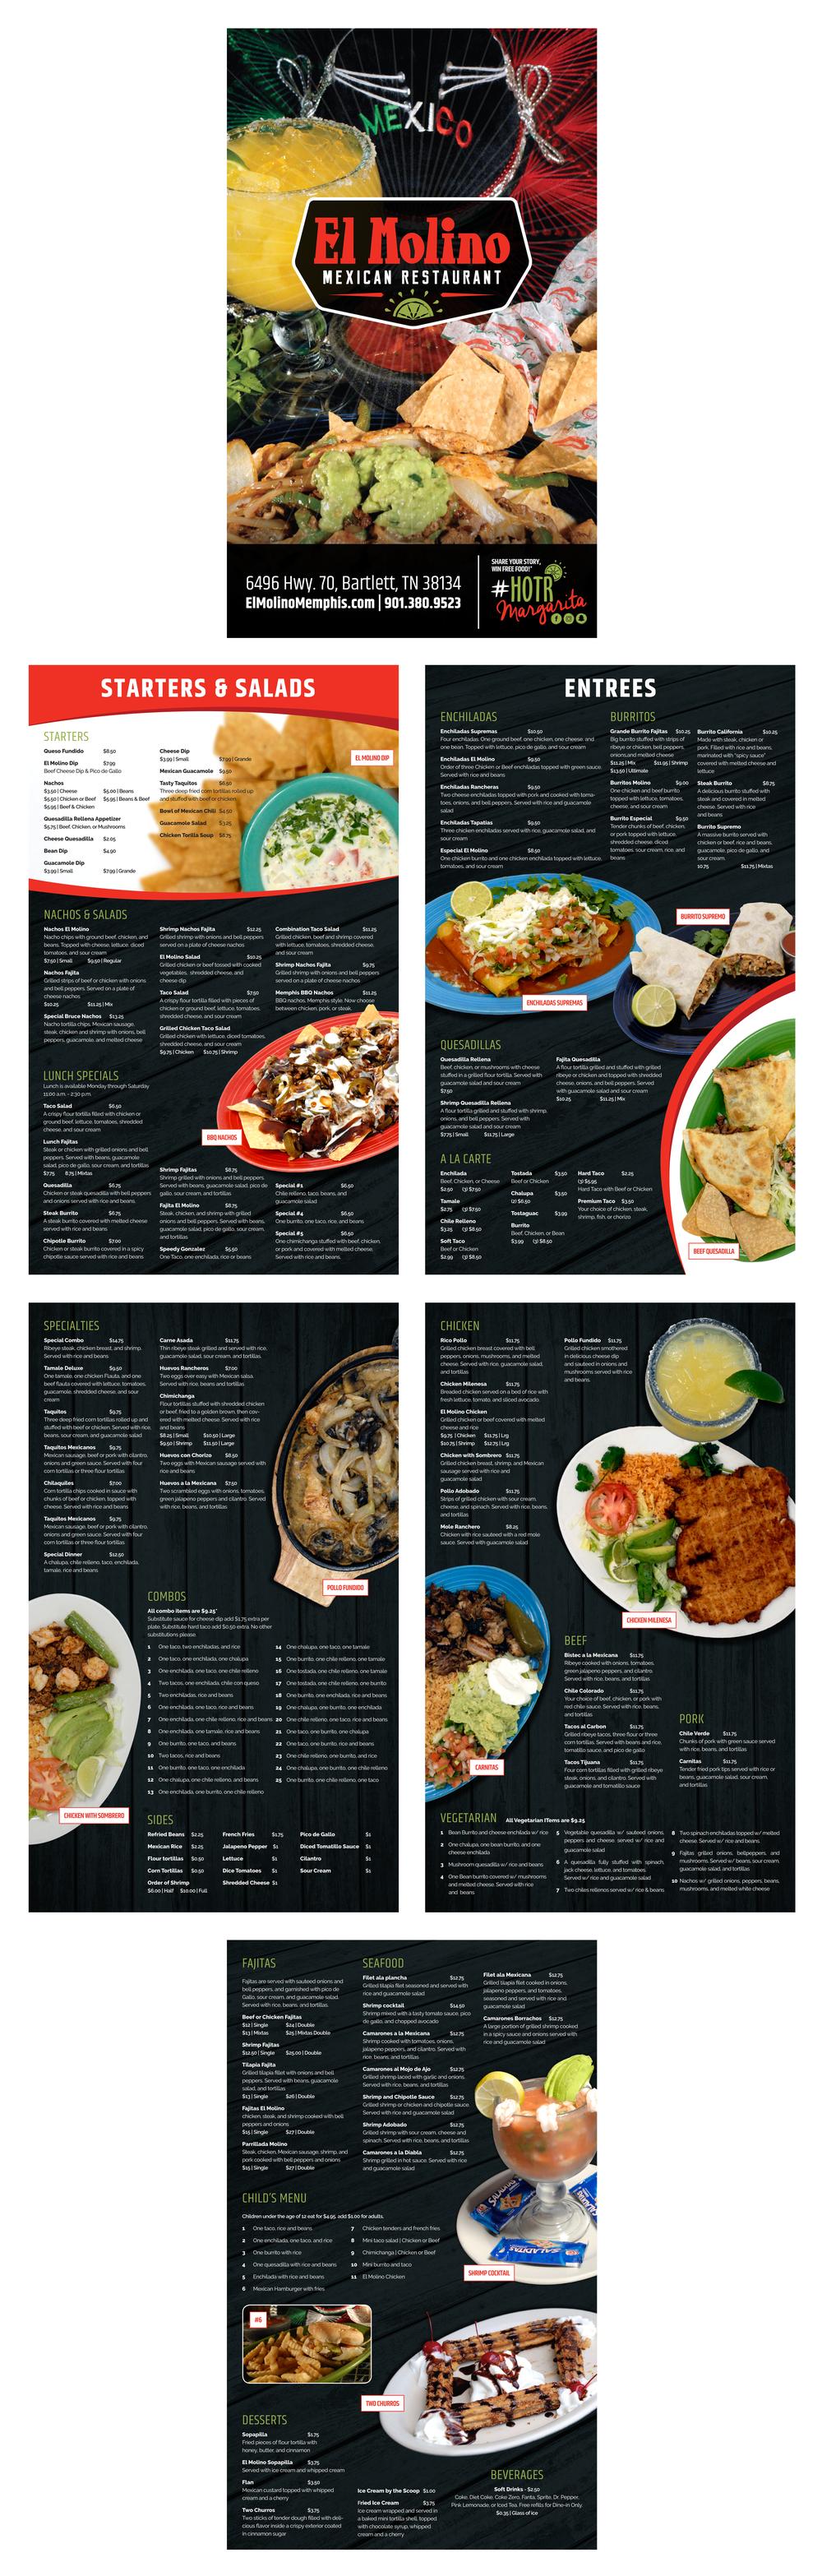 El-Molilno_Menu-Design_Food-Photography_Print-Design_Dreamcapture_Memphis-TN